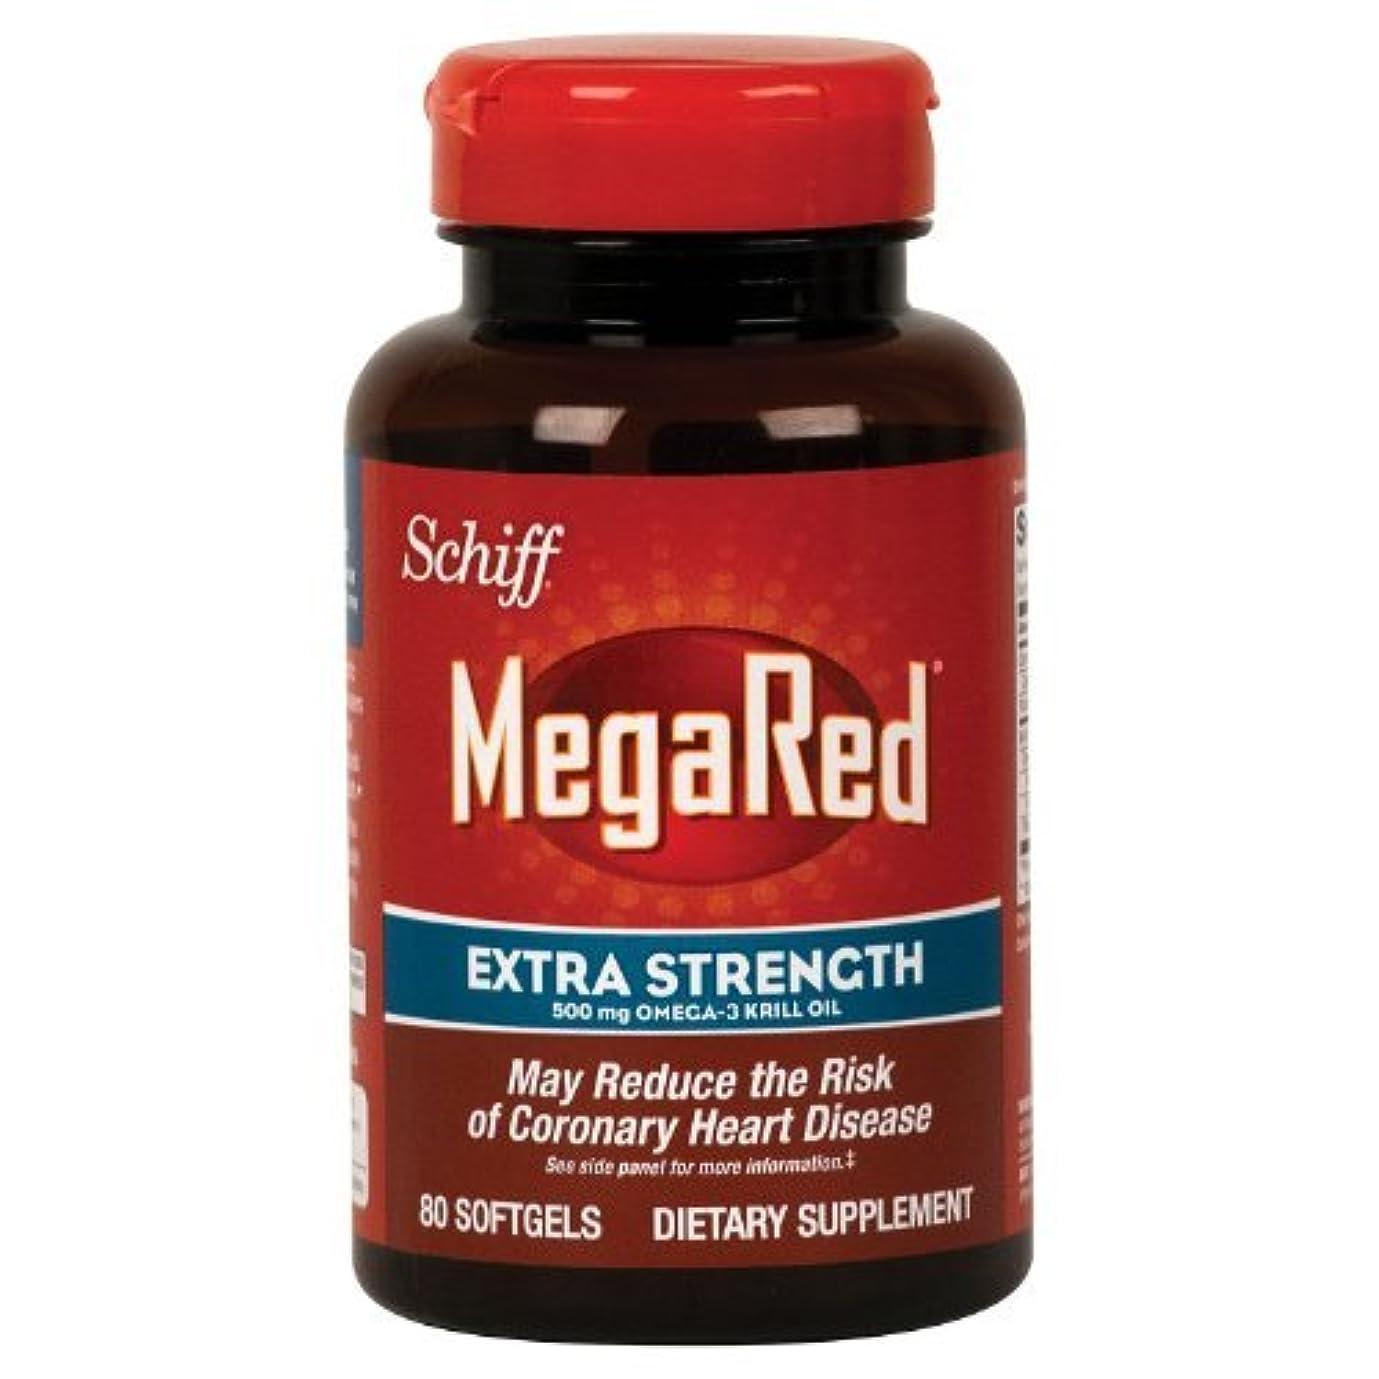 引退した直立酸Schiff Megared Extra Strength 500mg Omega-3 Krill Oil - 80 Softgels by Simply Right [並行輸入品]